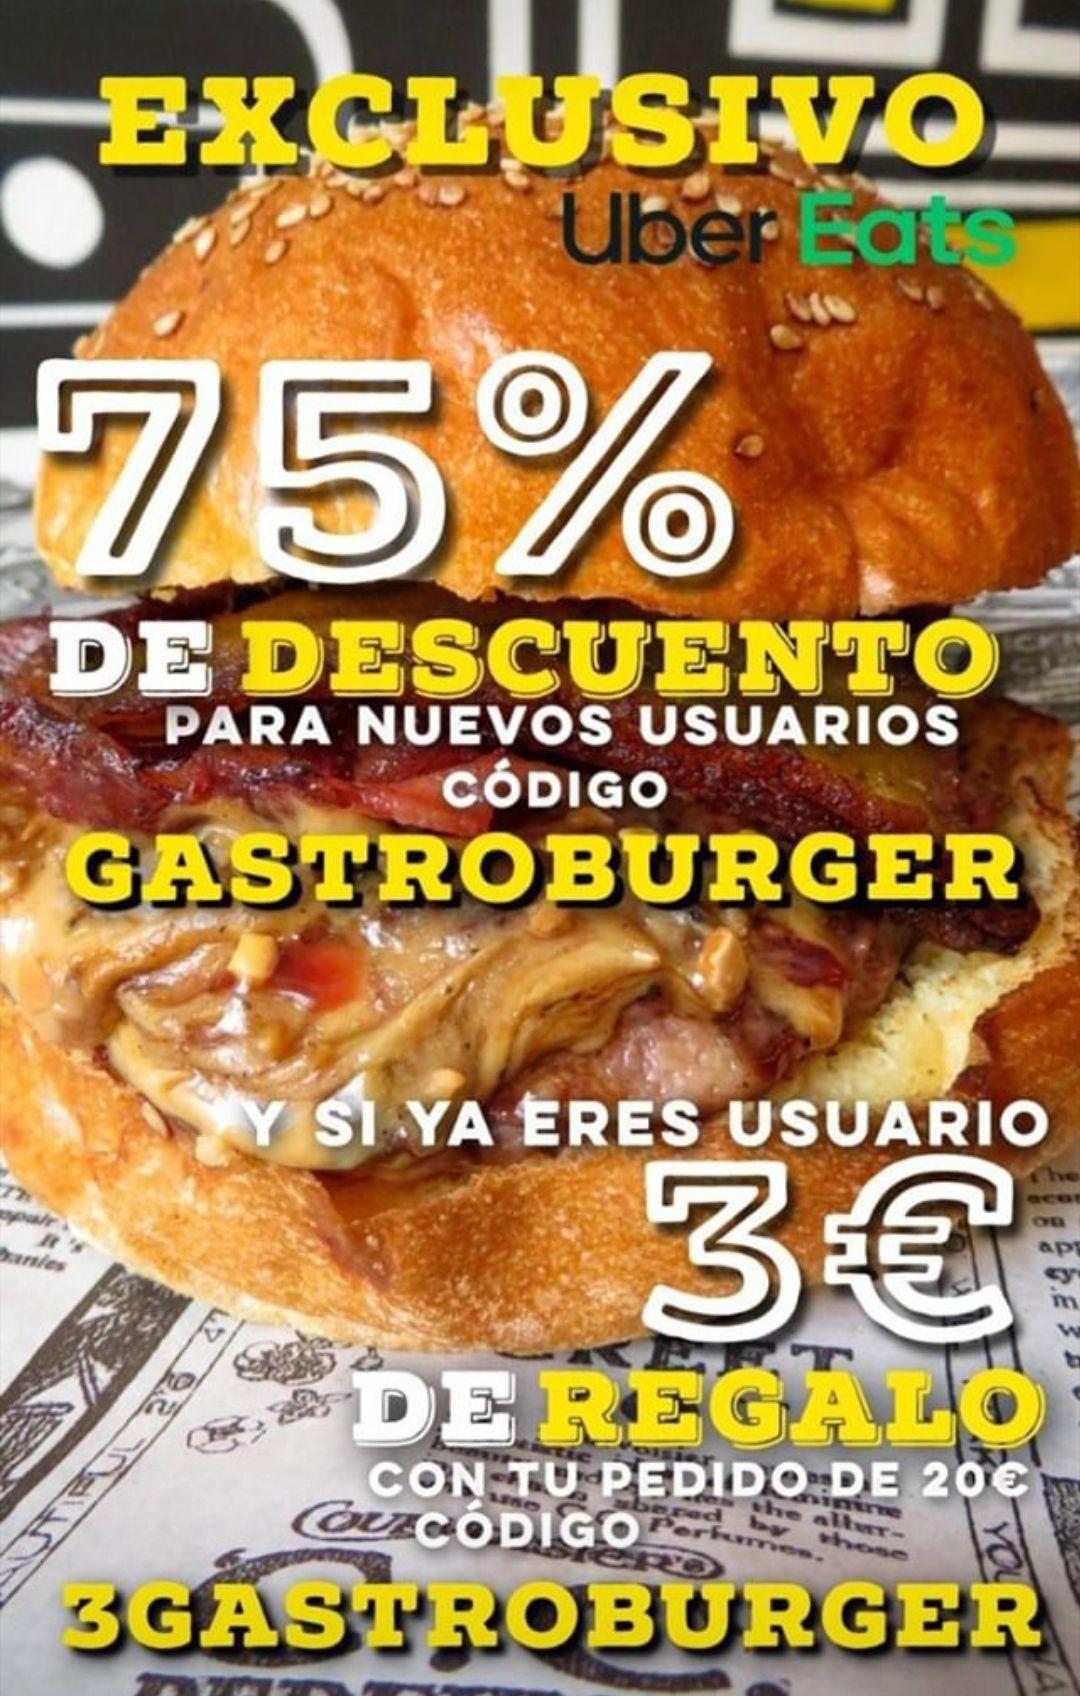 75% Descuento nuevos usuarios y 3€ para usuarios GastroBurger - Hospitalet